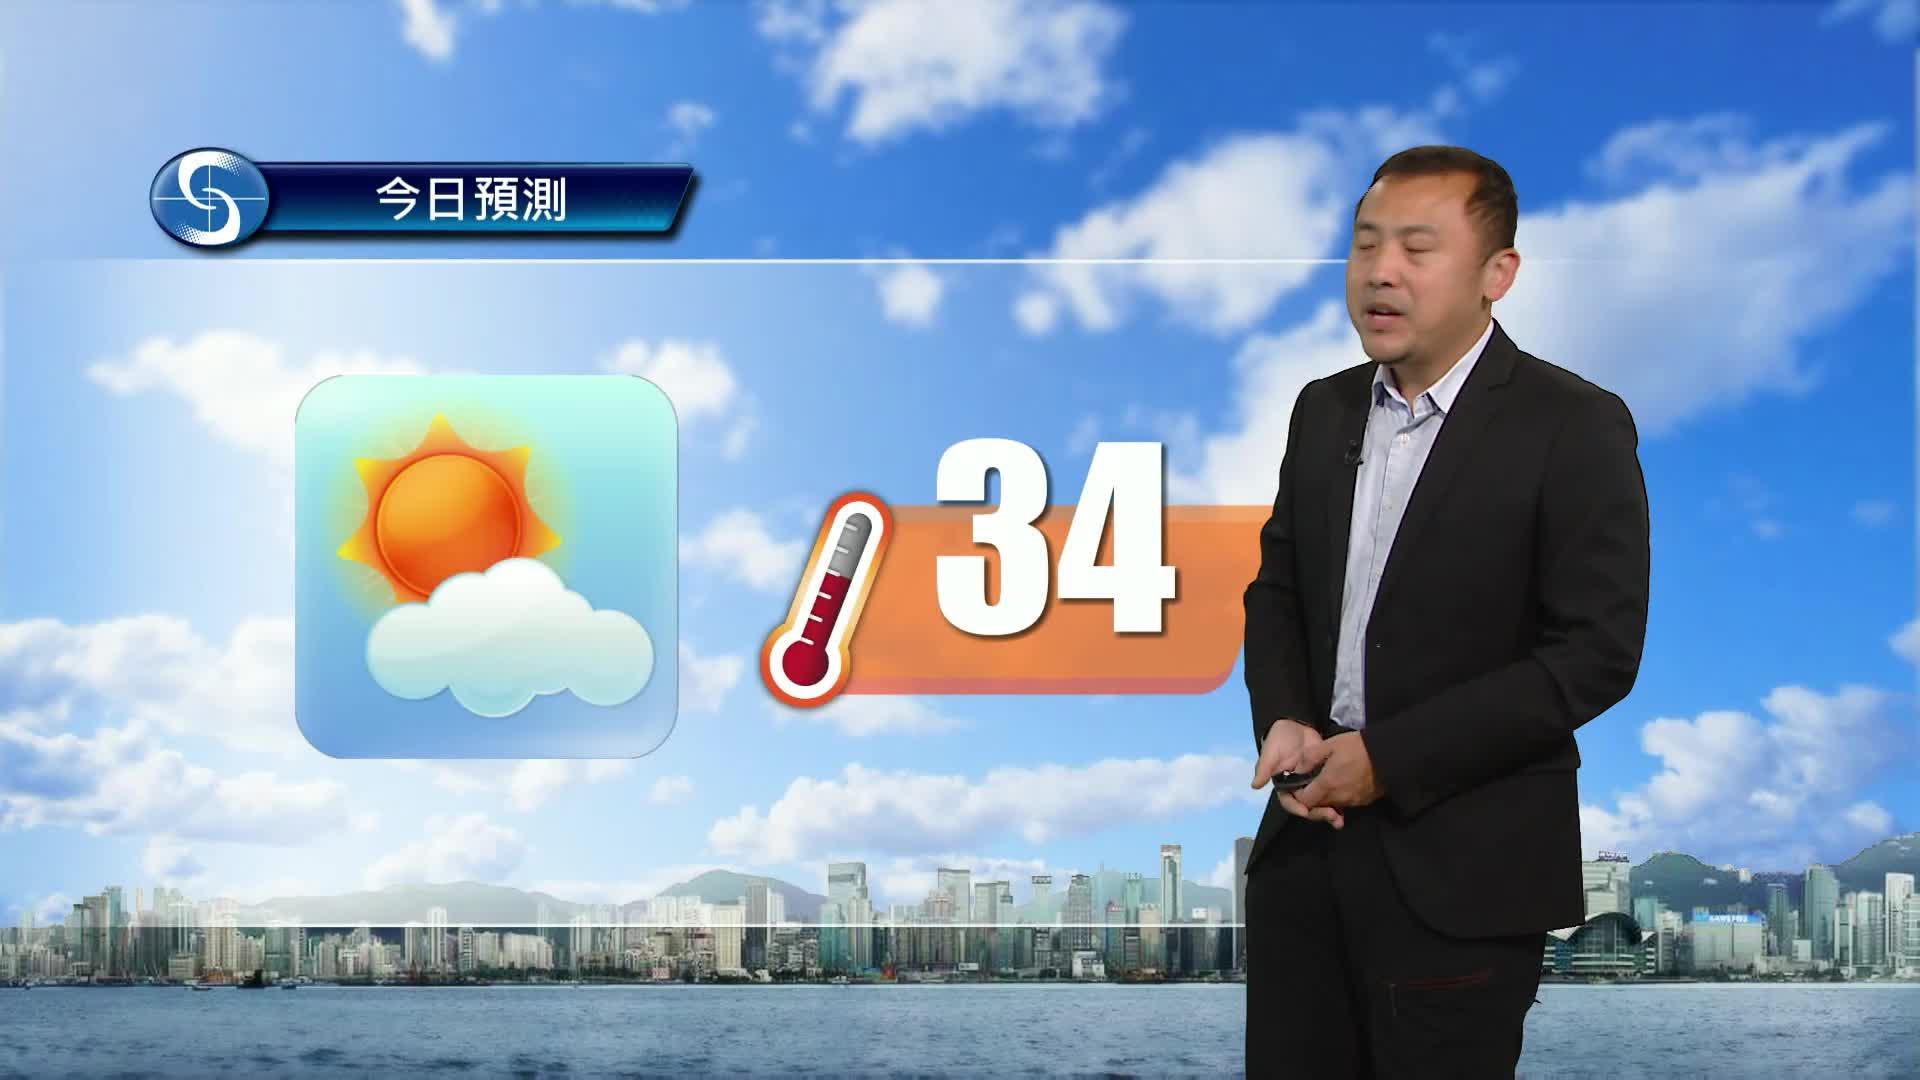 早晨天氣節目(05月15日上午7時) - 科學主任沈志泰